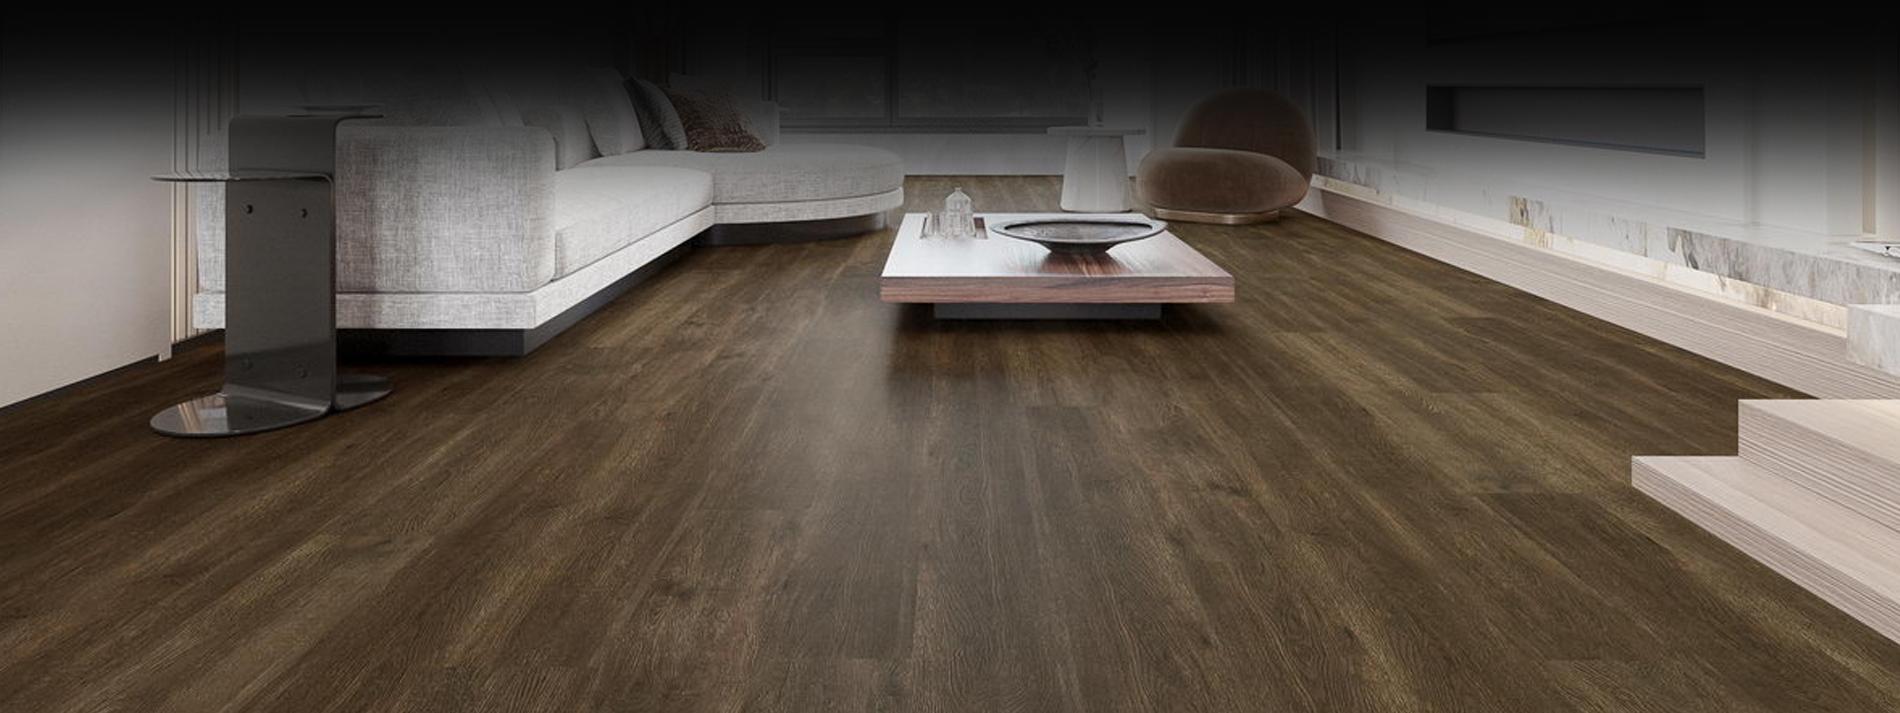 Eglinton Carpets - Vinyl Flooring Toronto - Resilient-Vinyl Floors ...